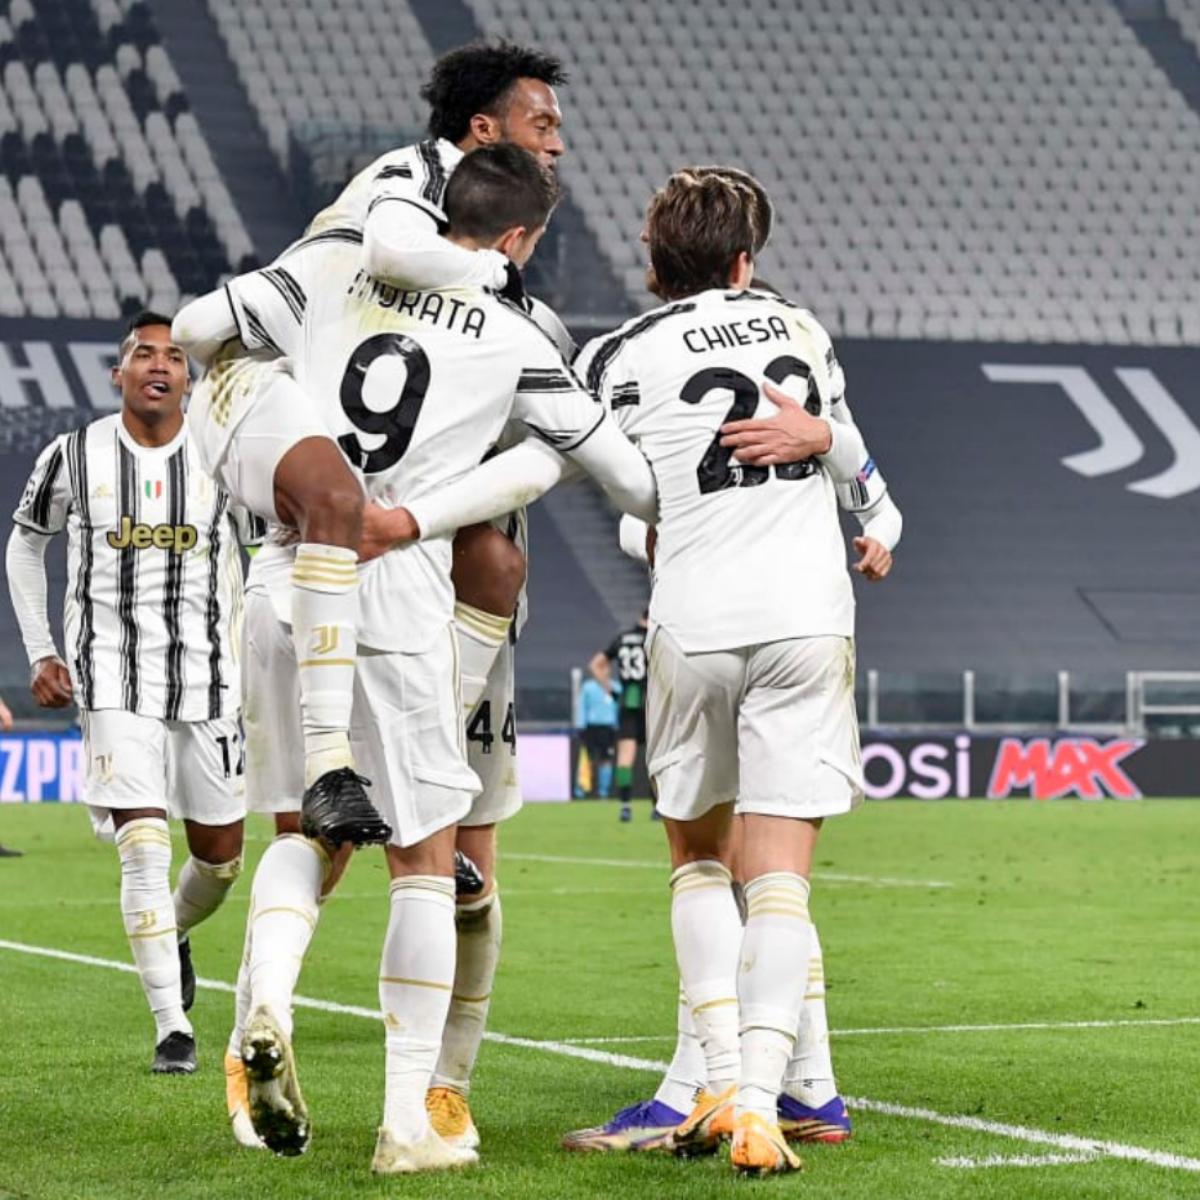 Probabili formazioni Juventus-Genoa